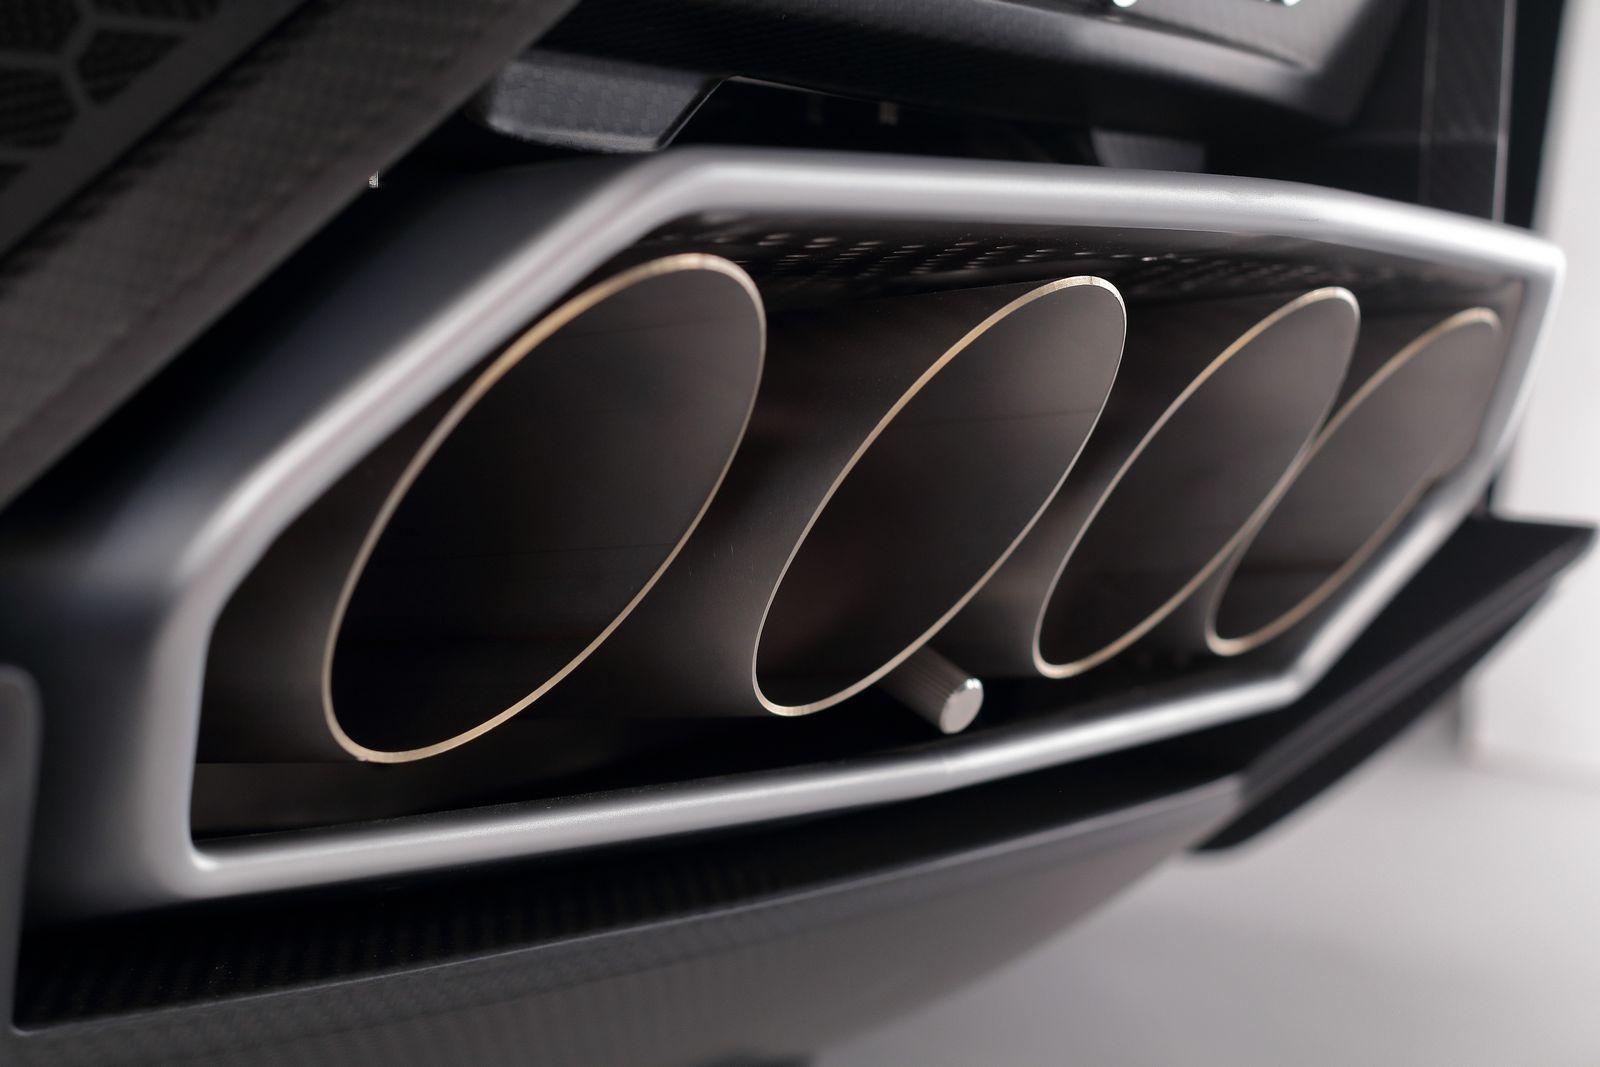 Lamborghini%2Bspeaker%2B5.jpg